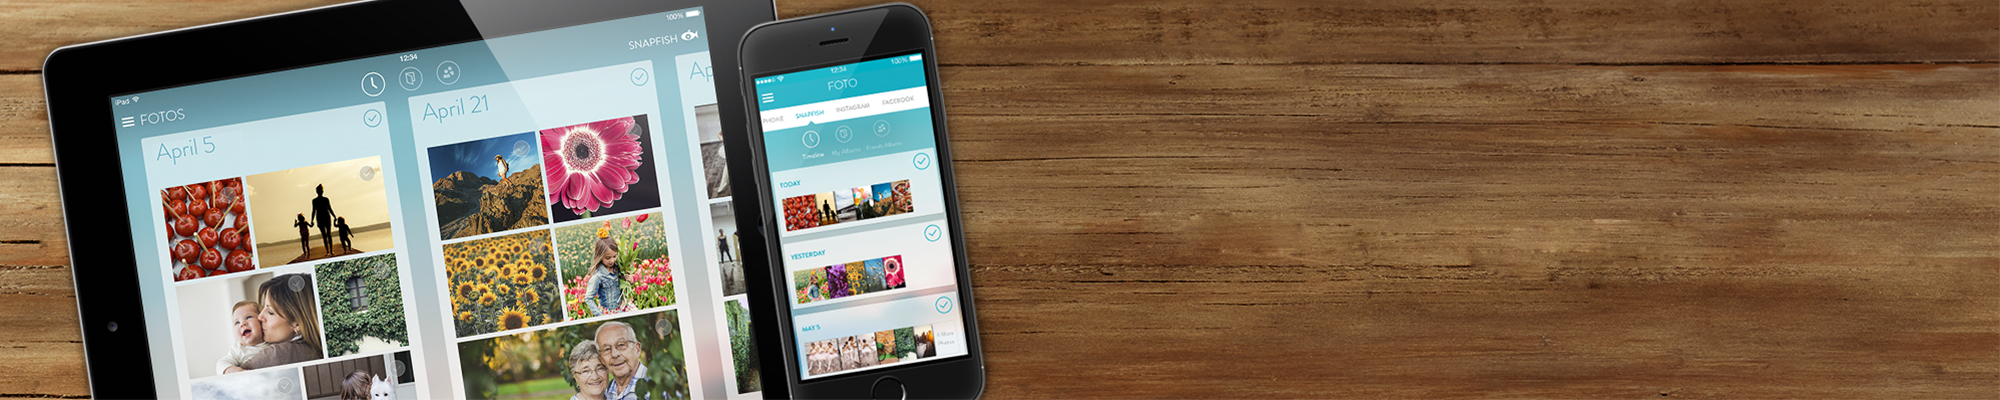 Unsere Apps Erstellen Sie Fotoabzüge und Fotogeschenke wann immer, wo immer Sie inspiriert werden.